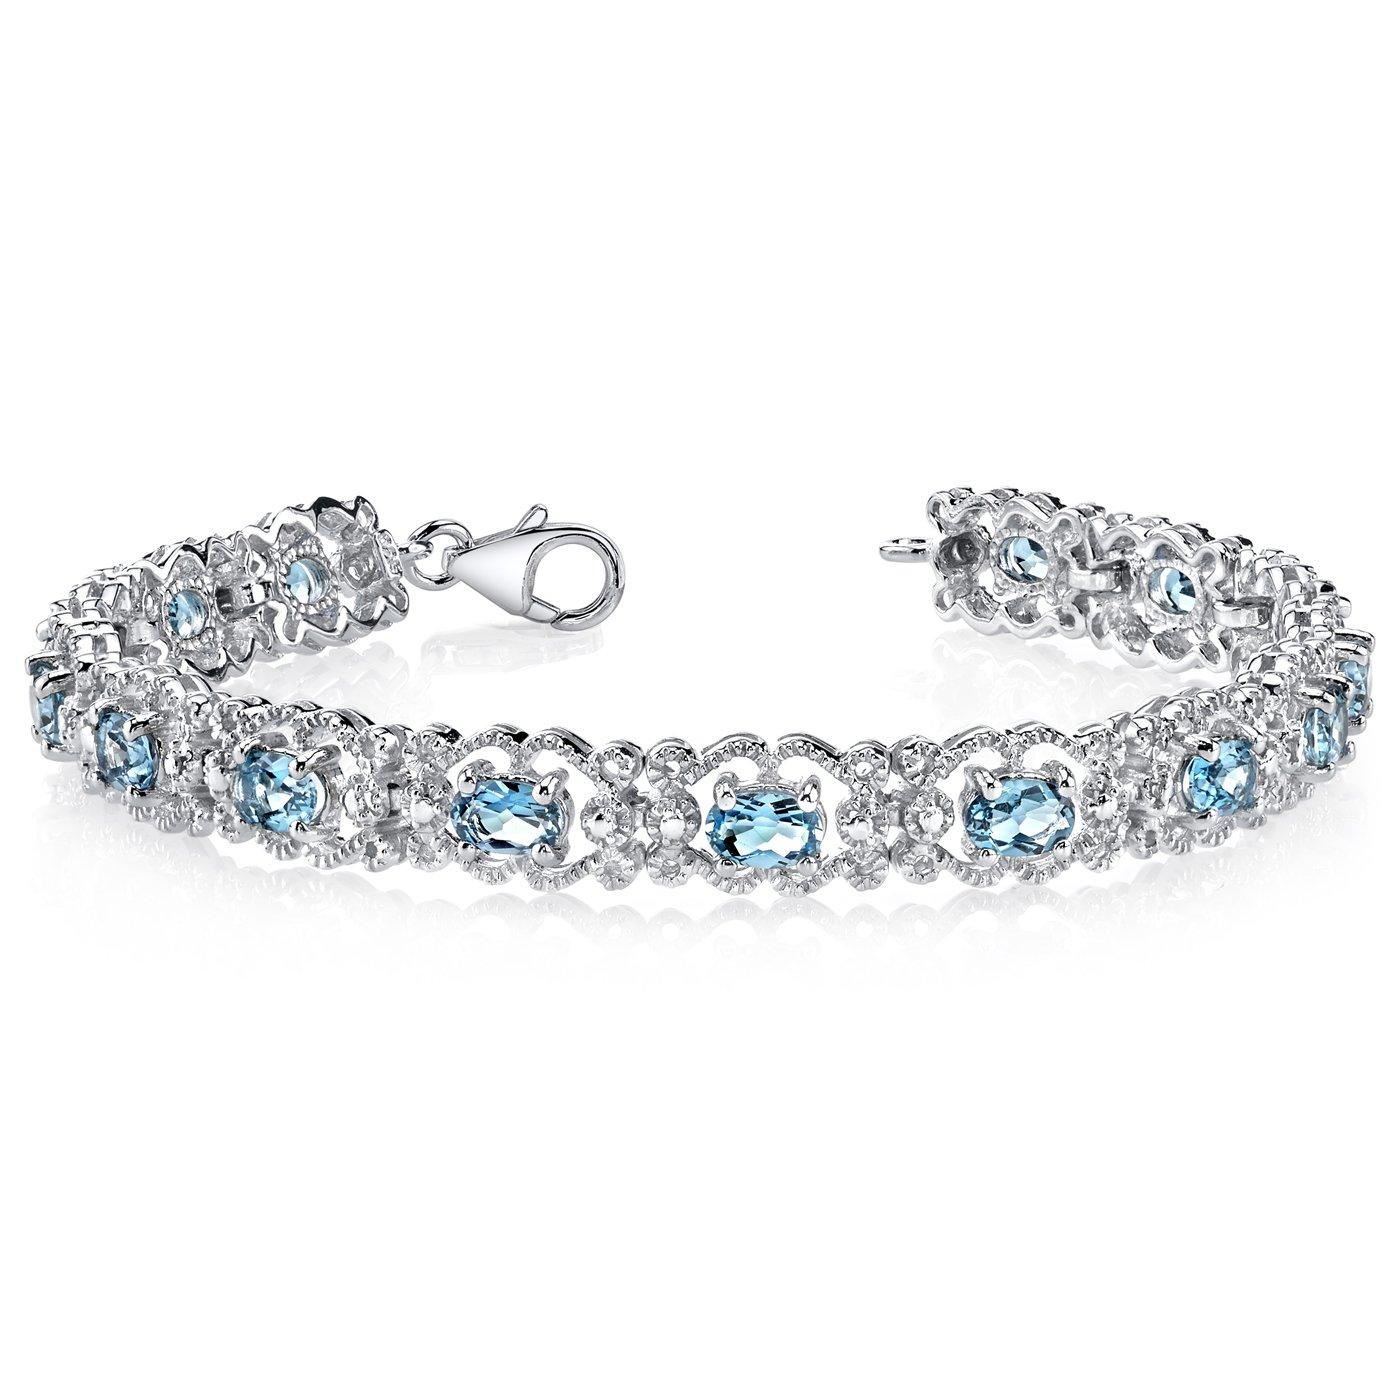 8.50 Carats London Blue Topaz Bracelet Sterling Silver Vintage Style by Peora